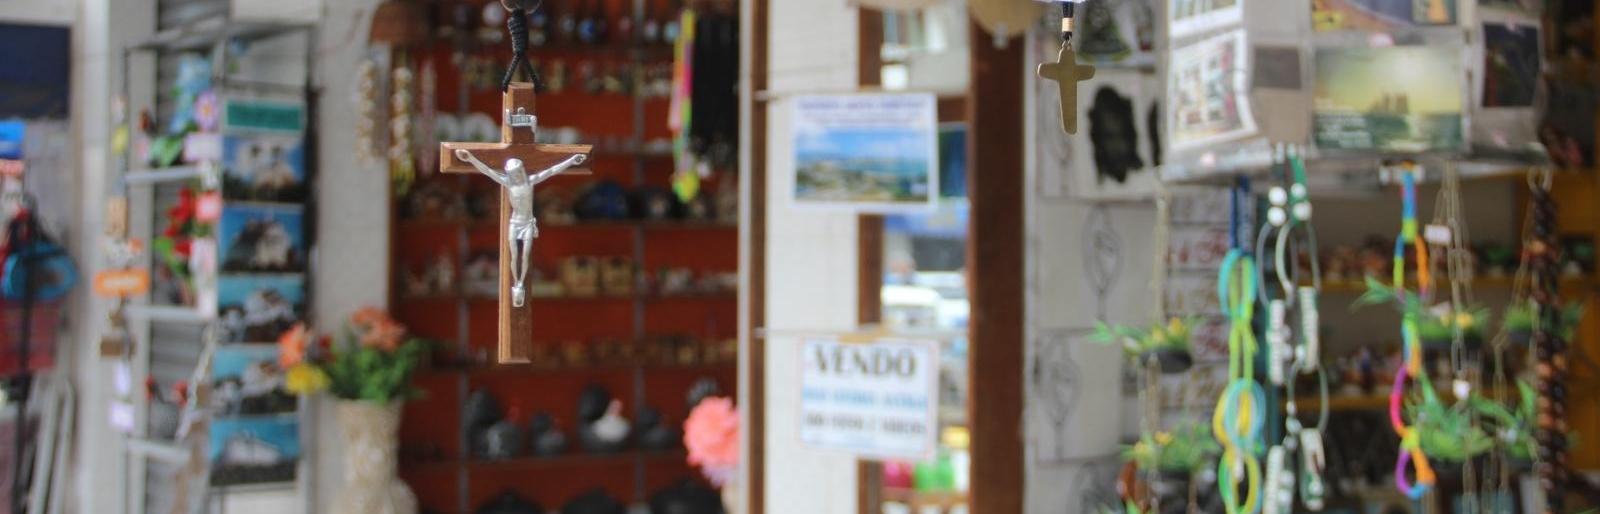 Adesivo Impressão Digital ~ Prefeitura de Vila Velha Artesanato religioso produzido no Estado tem espaço na Festa da Penha 2015